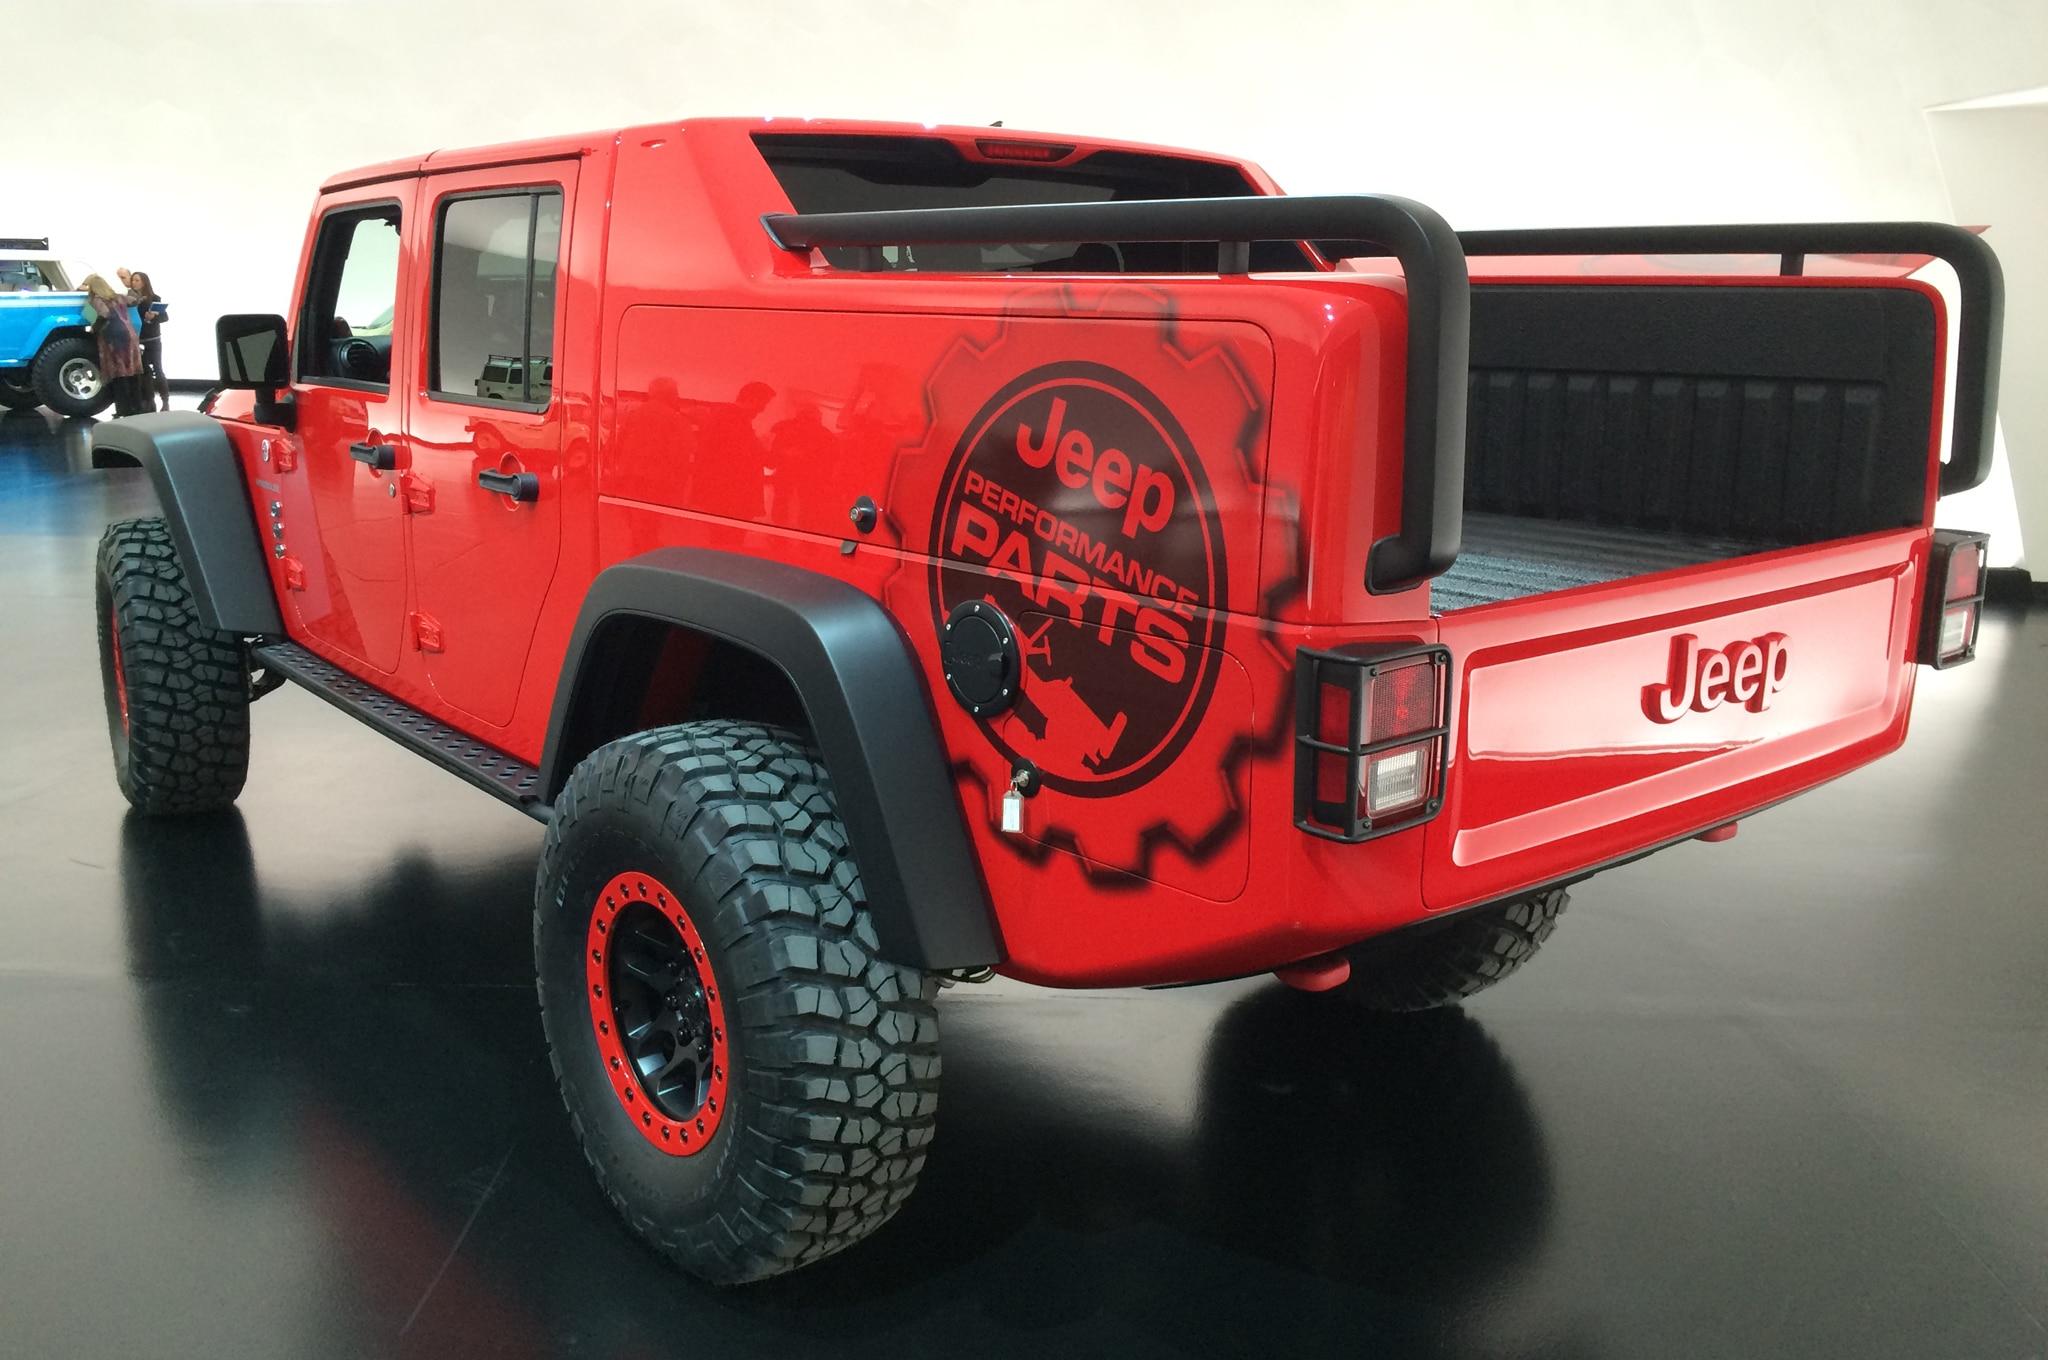 Jeep Wrangler Red Rock Concept es presentado en SEMA